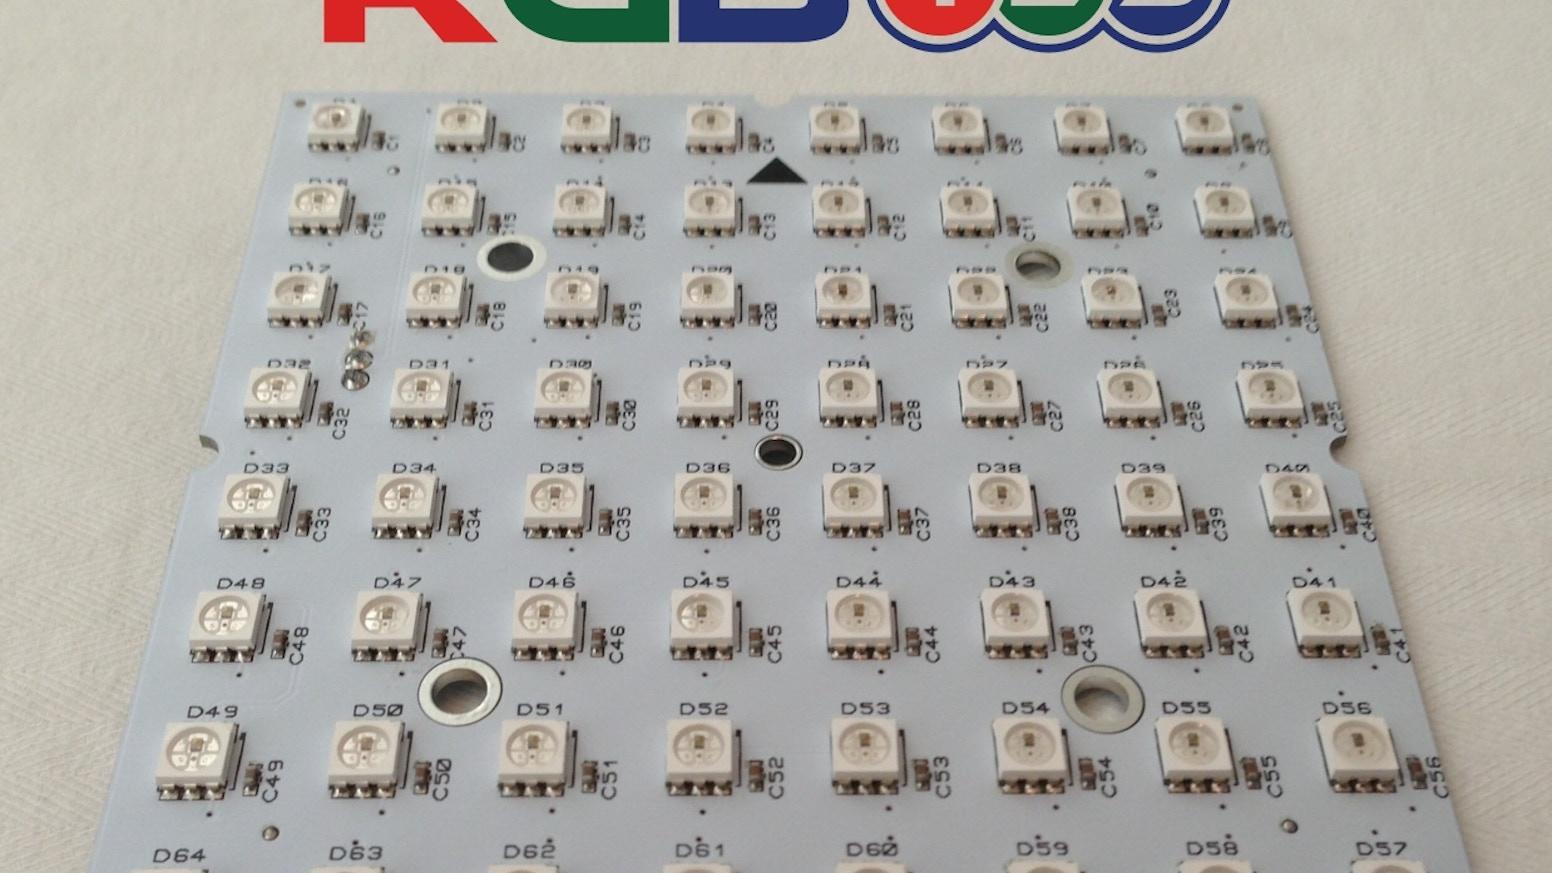 RGB-123 Led Matrices by Ryan O'Hara — Kickstarter